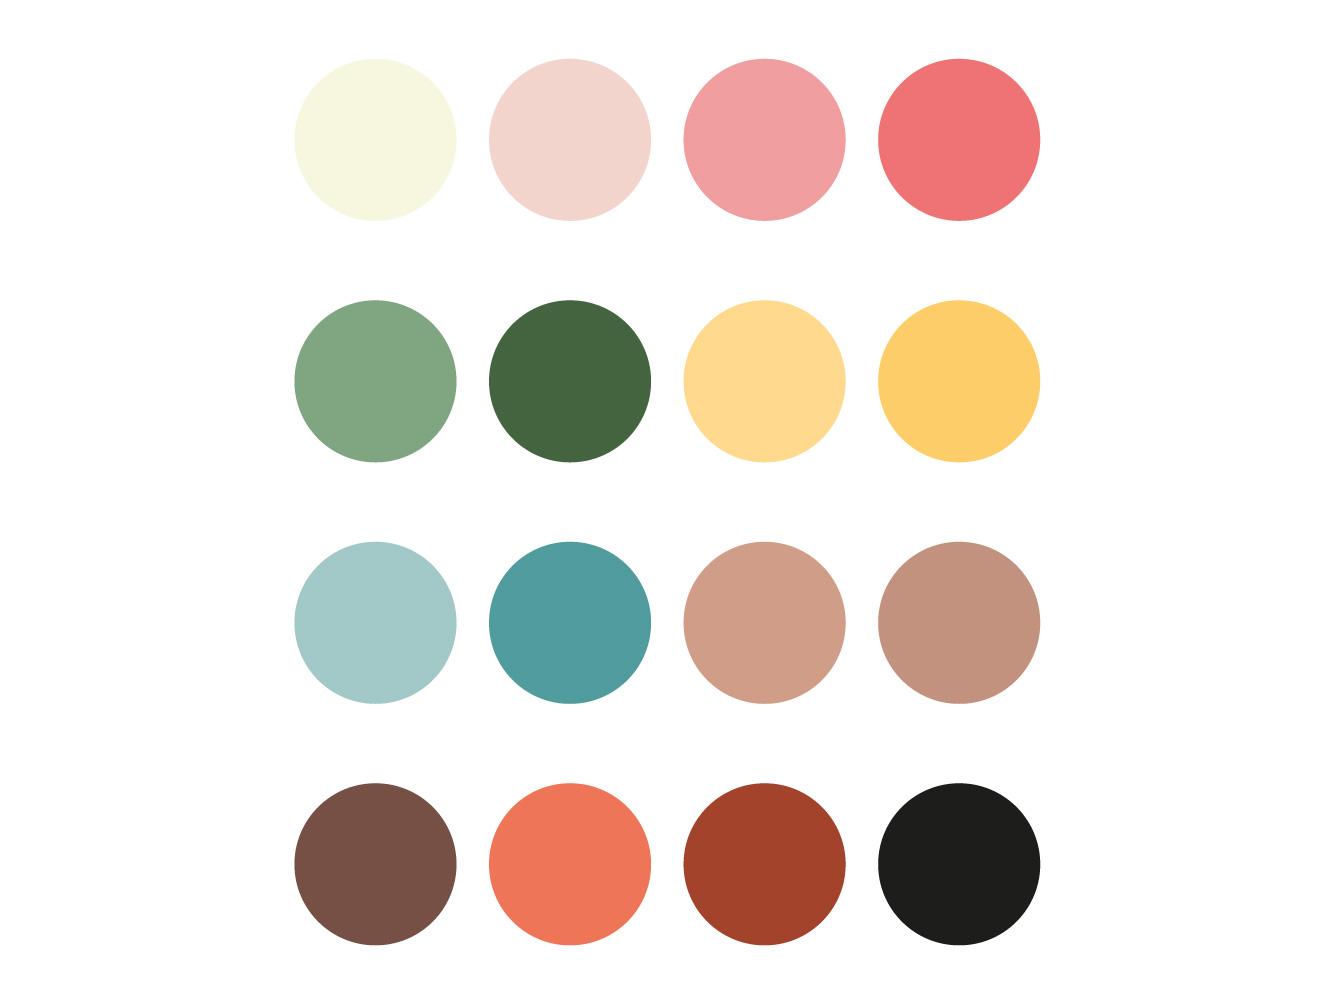 Kleuren palette - boekje De Mikkelhorst - grafisch ontwerp - Dots and Lines